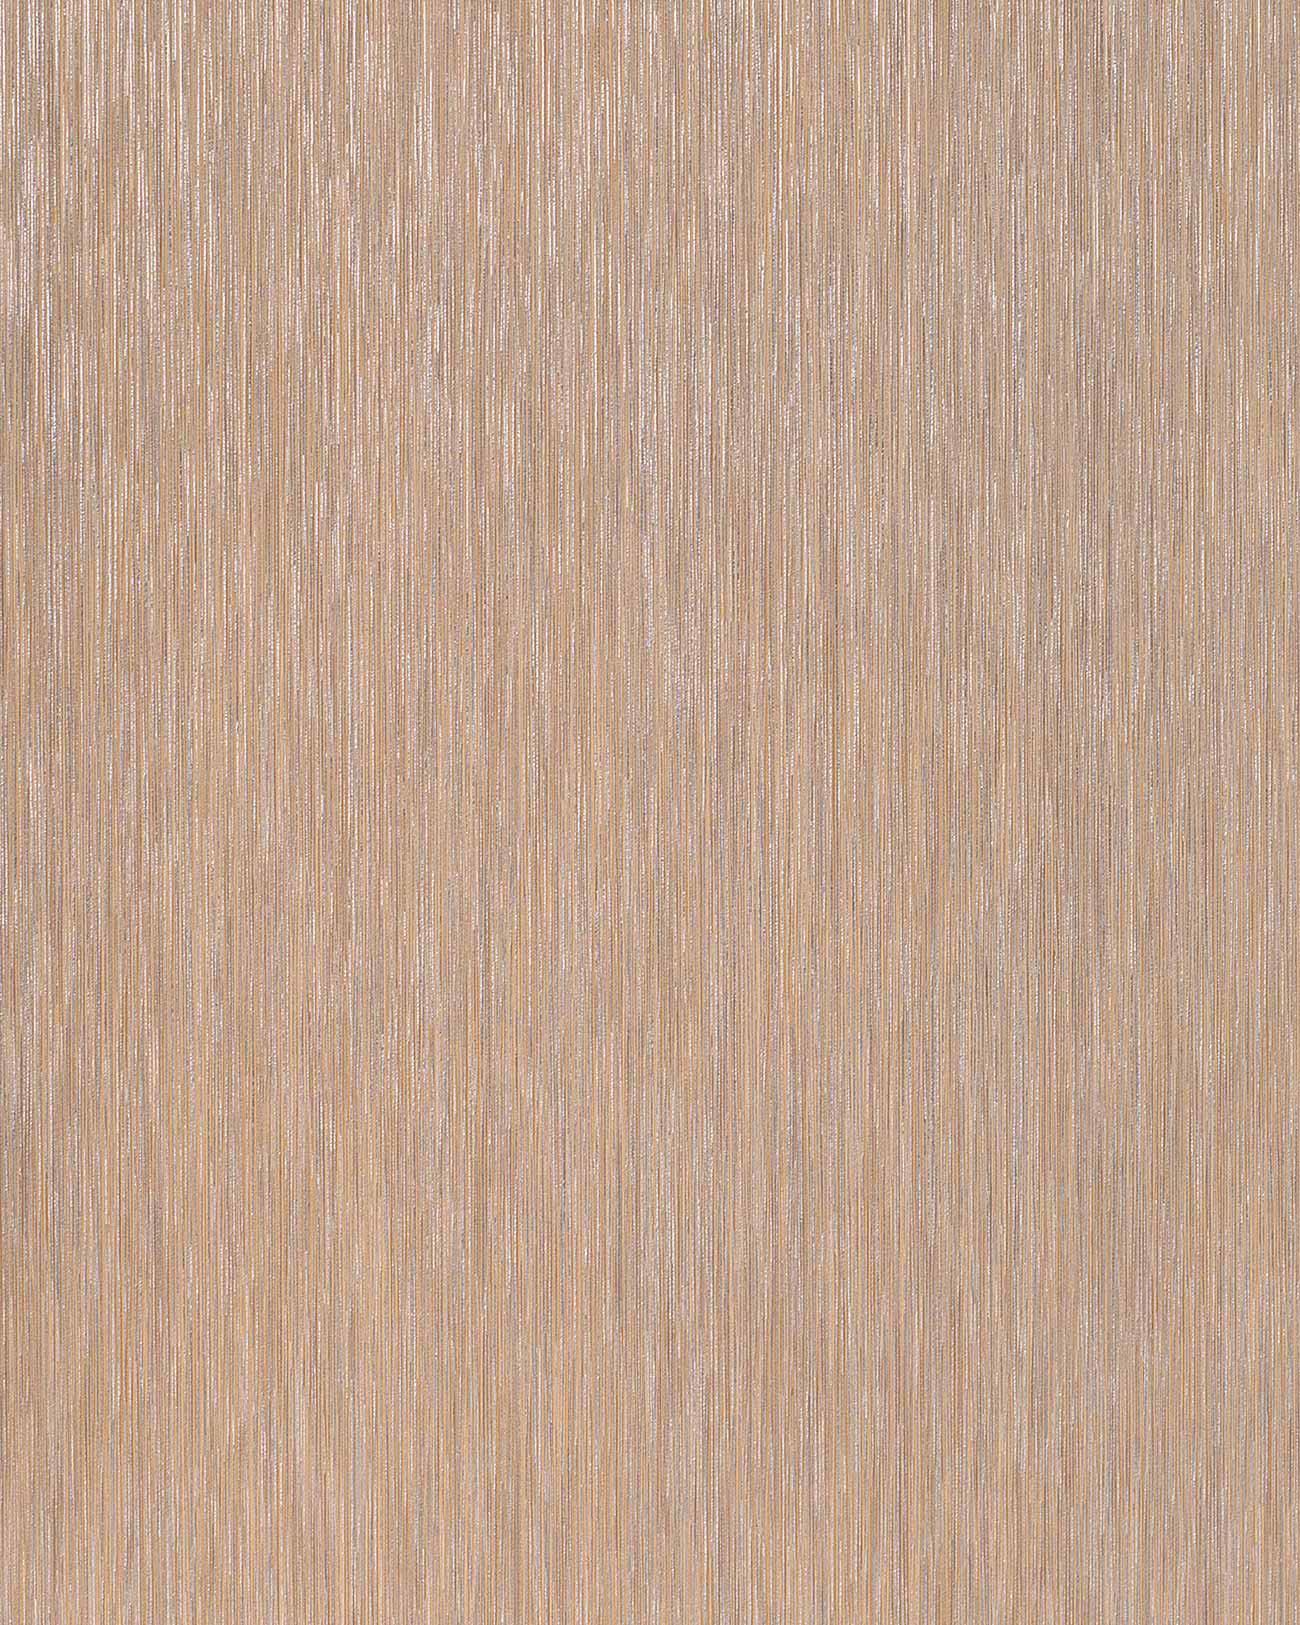 streifen tapete edem 1020 13 designer tapete metallic look glanzeffekte hochwaschbare oberfl che. Black Bedroom Furniture Sets. Home Design Ideas